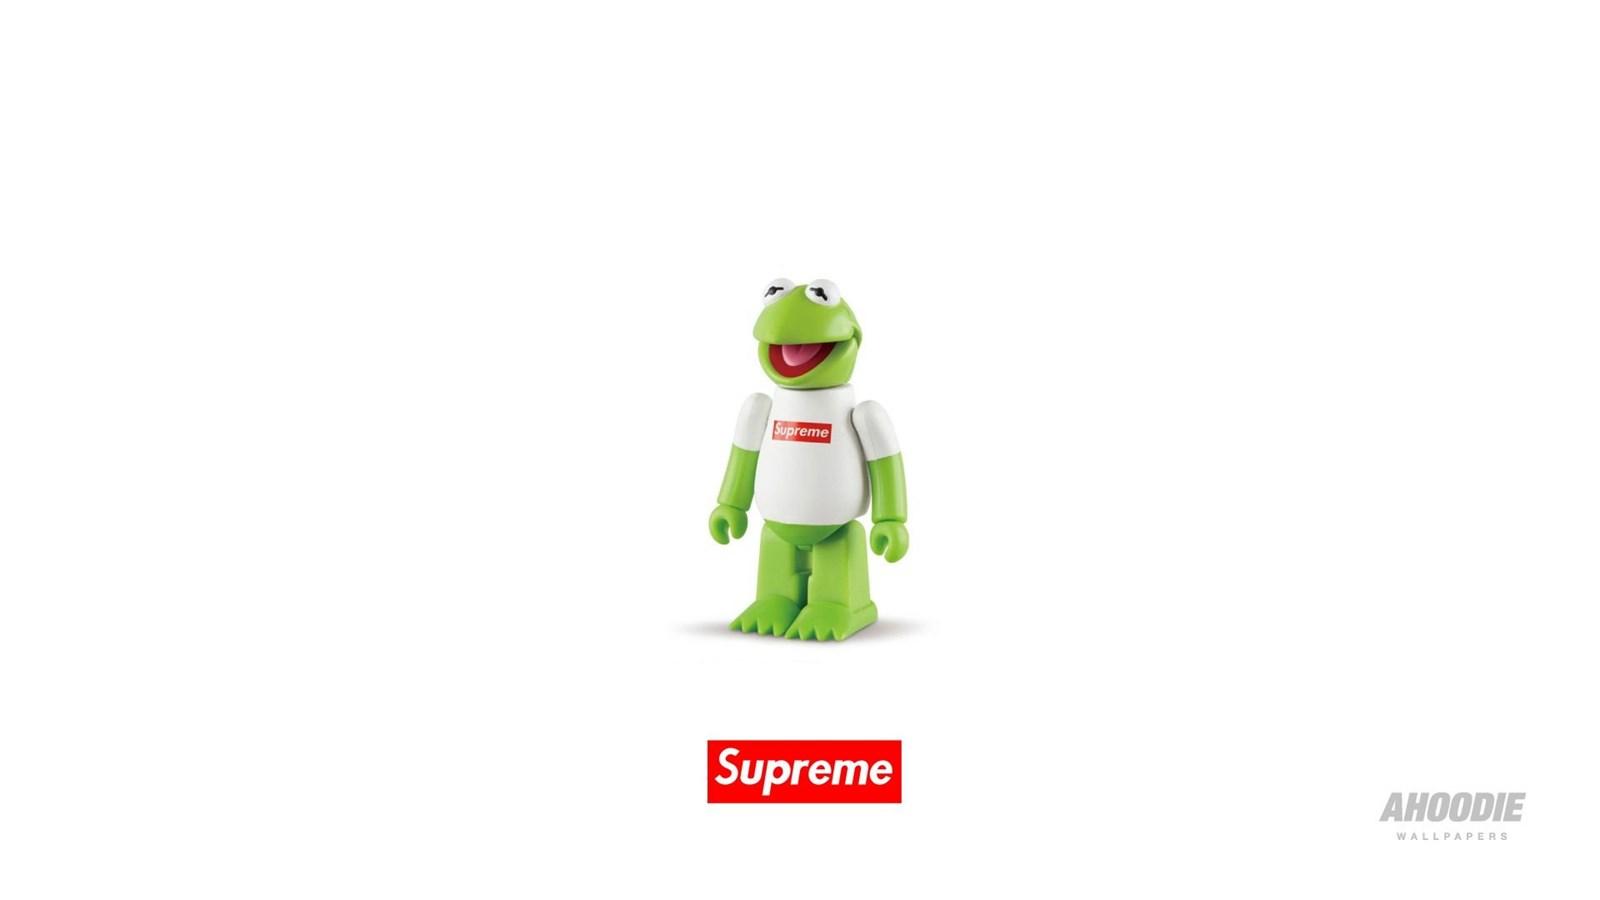 Fondos De Pantalla Supreme: Supreme Kermit Wallpapers 153249 Desktop Background